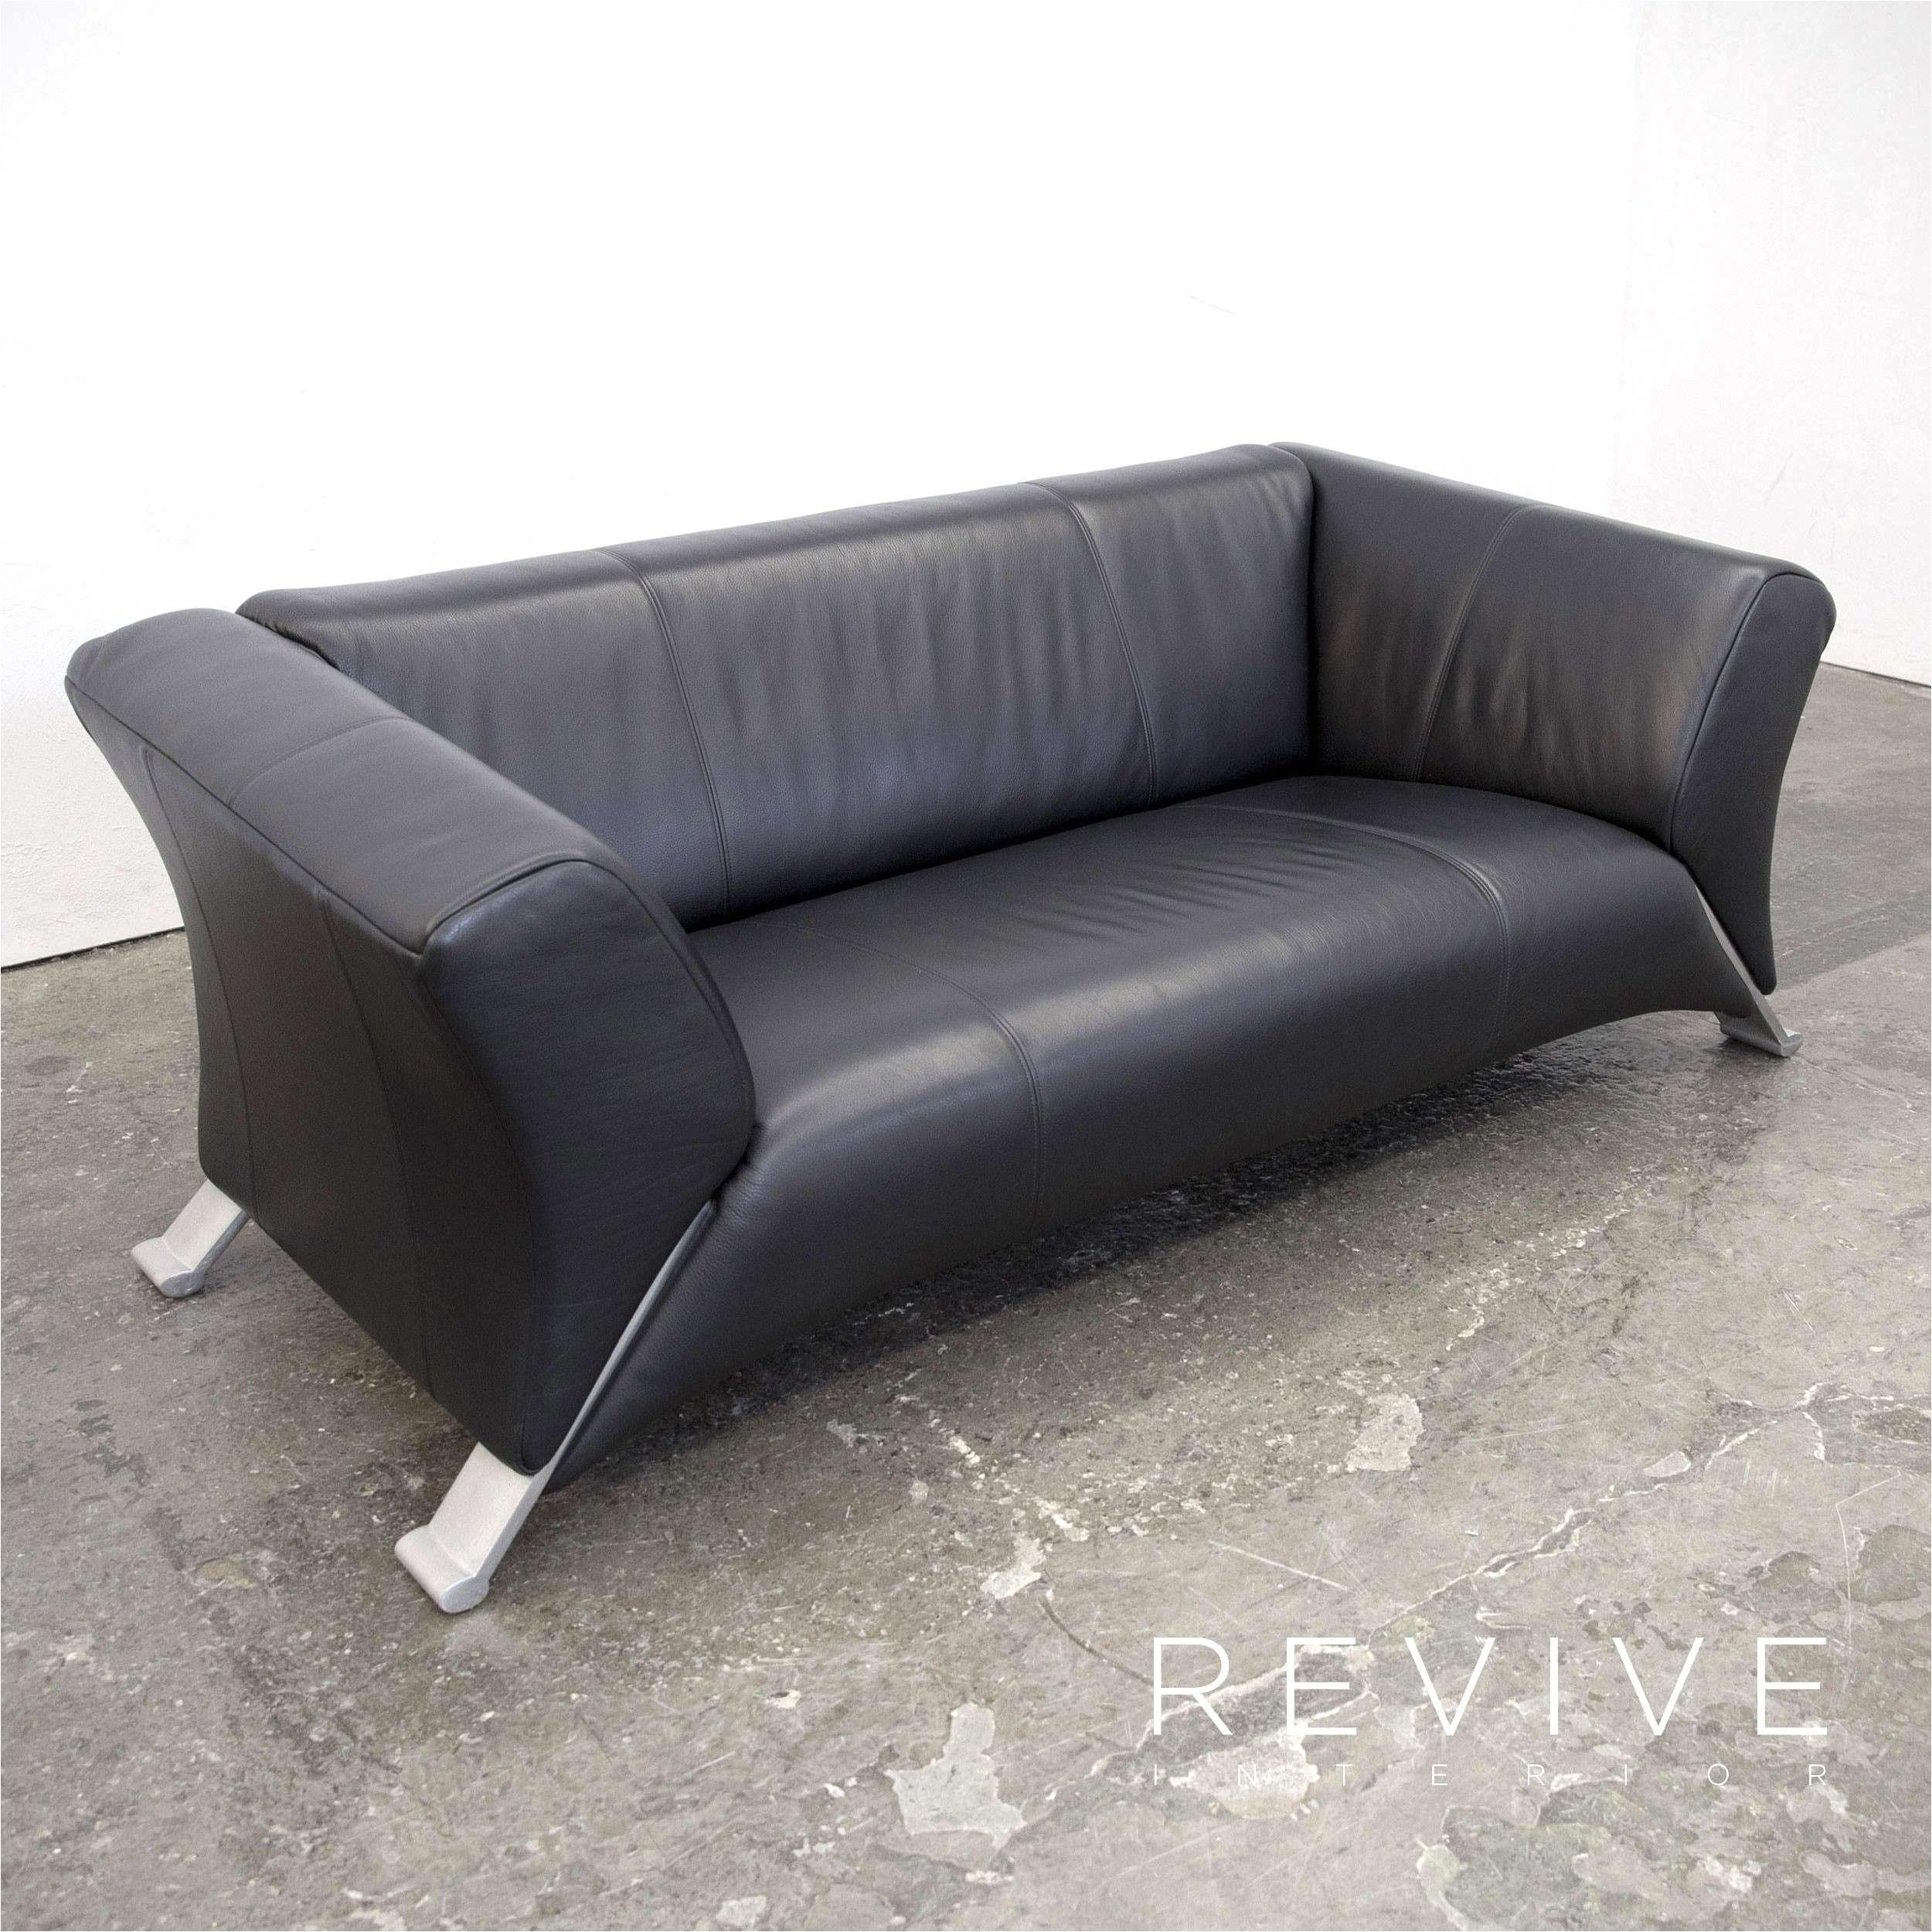 ikea sofa zweisitzer einzigartig 39 frisch kleines zweisitzer sofa grafik stock of ikea sofa zweisitzer luxus